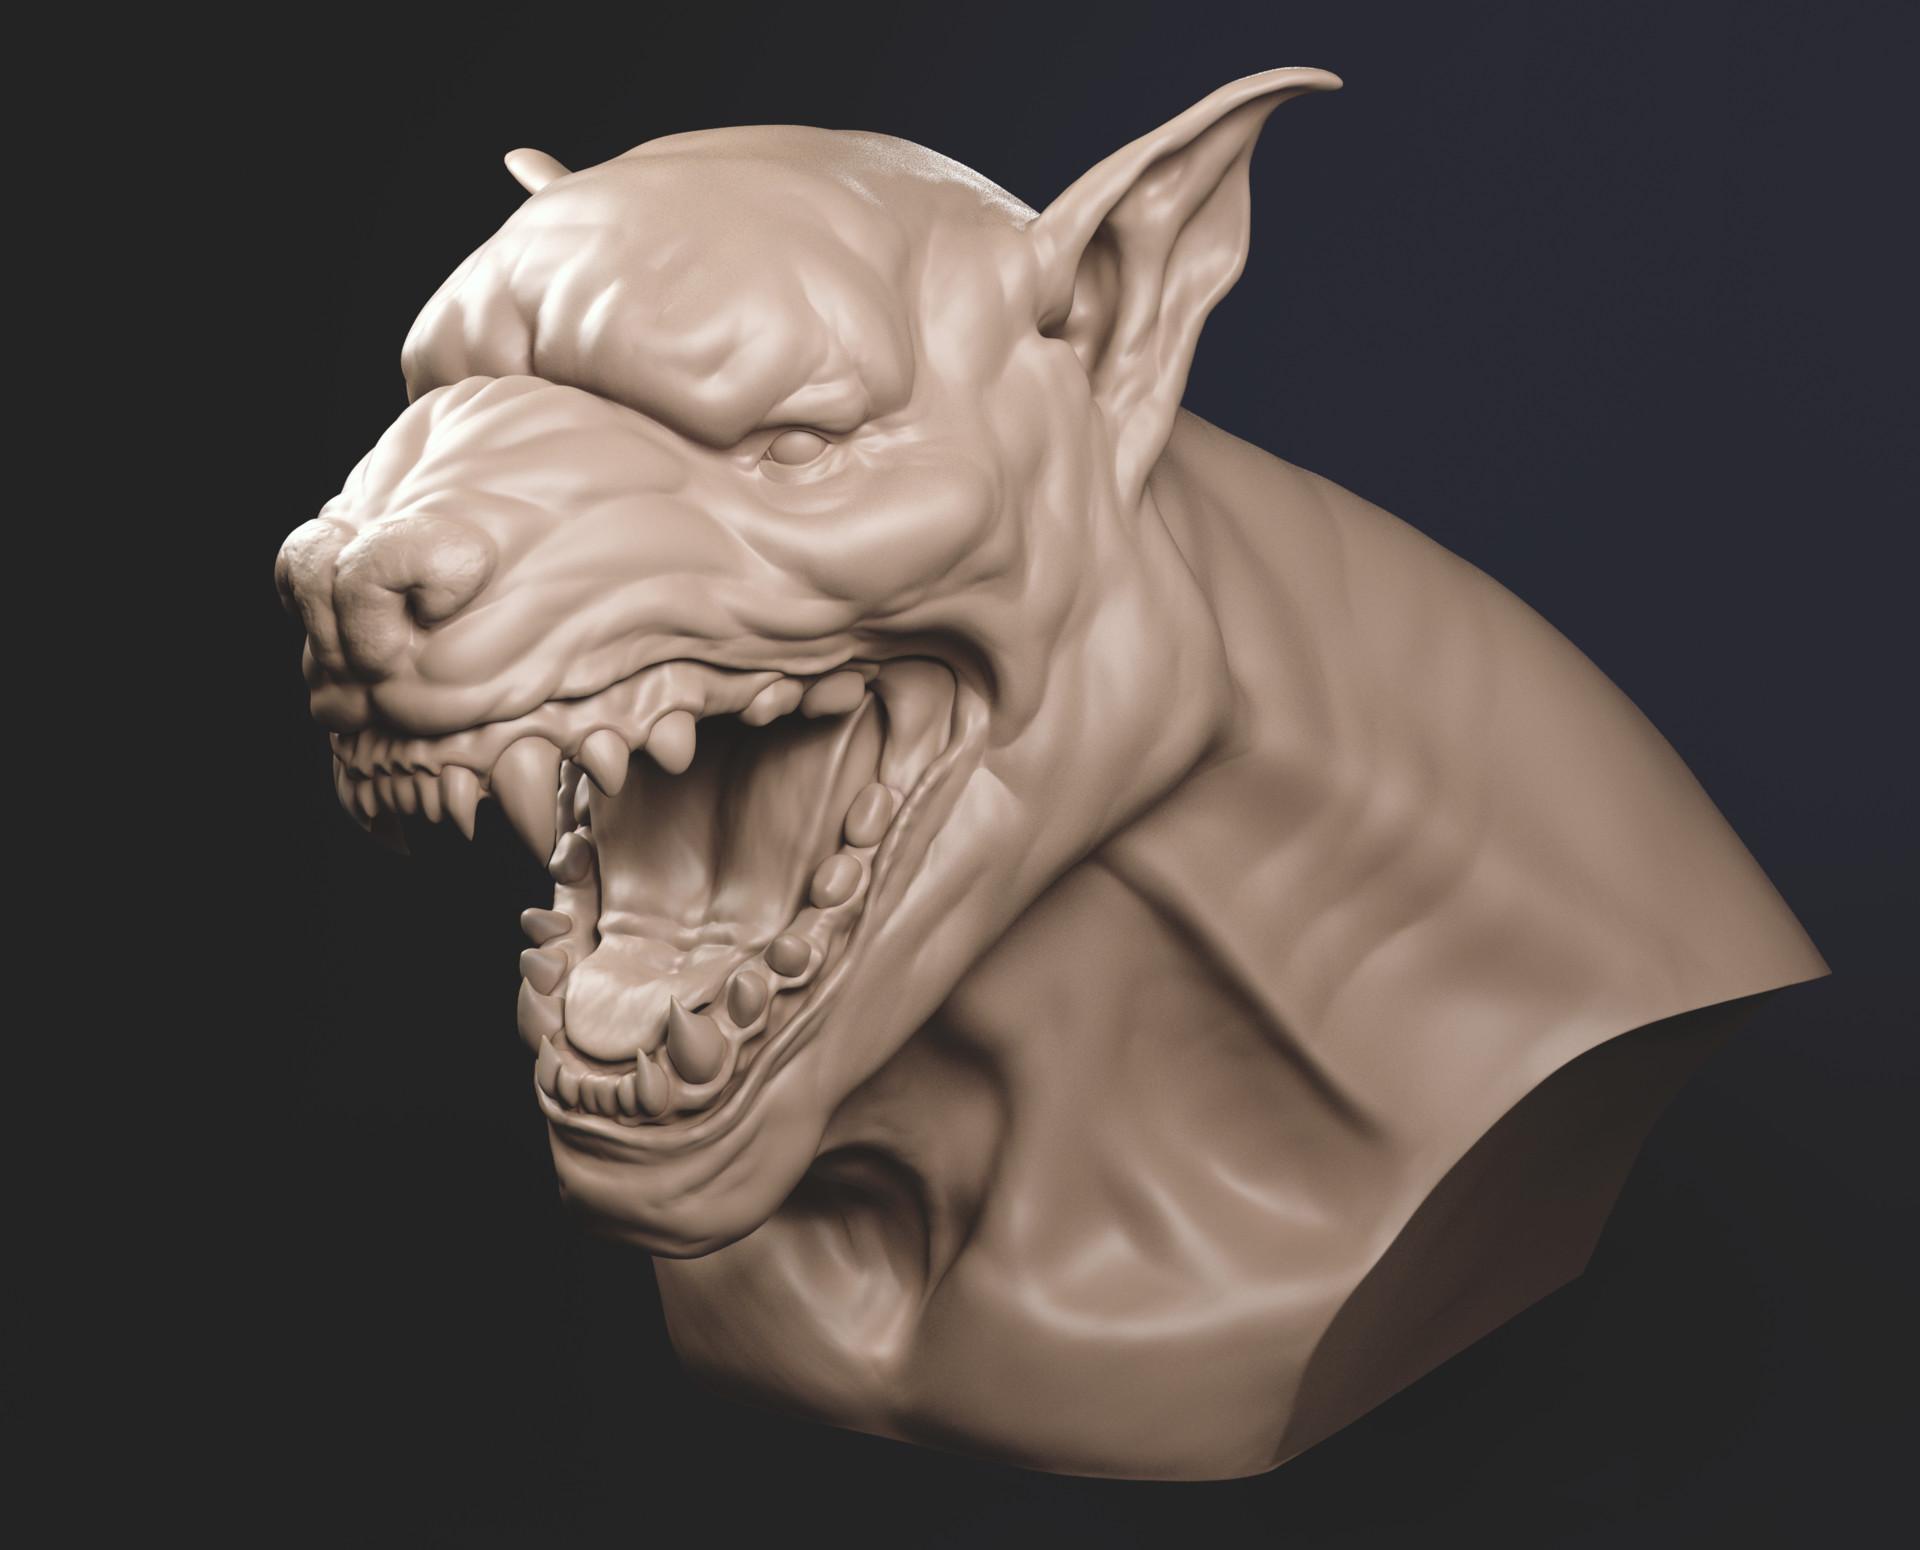 Douglas silva werewolf doug